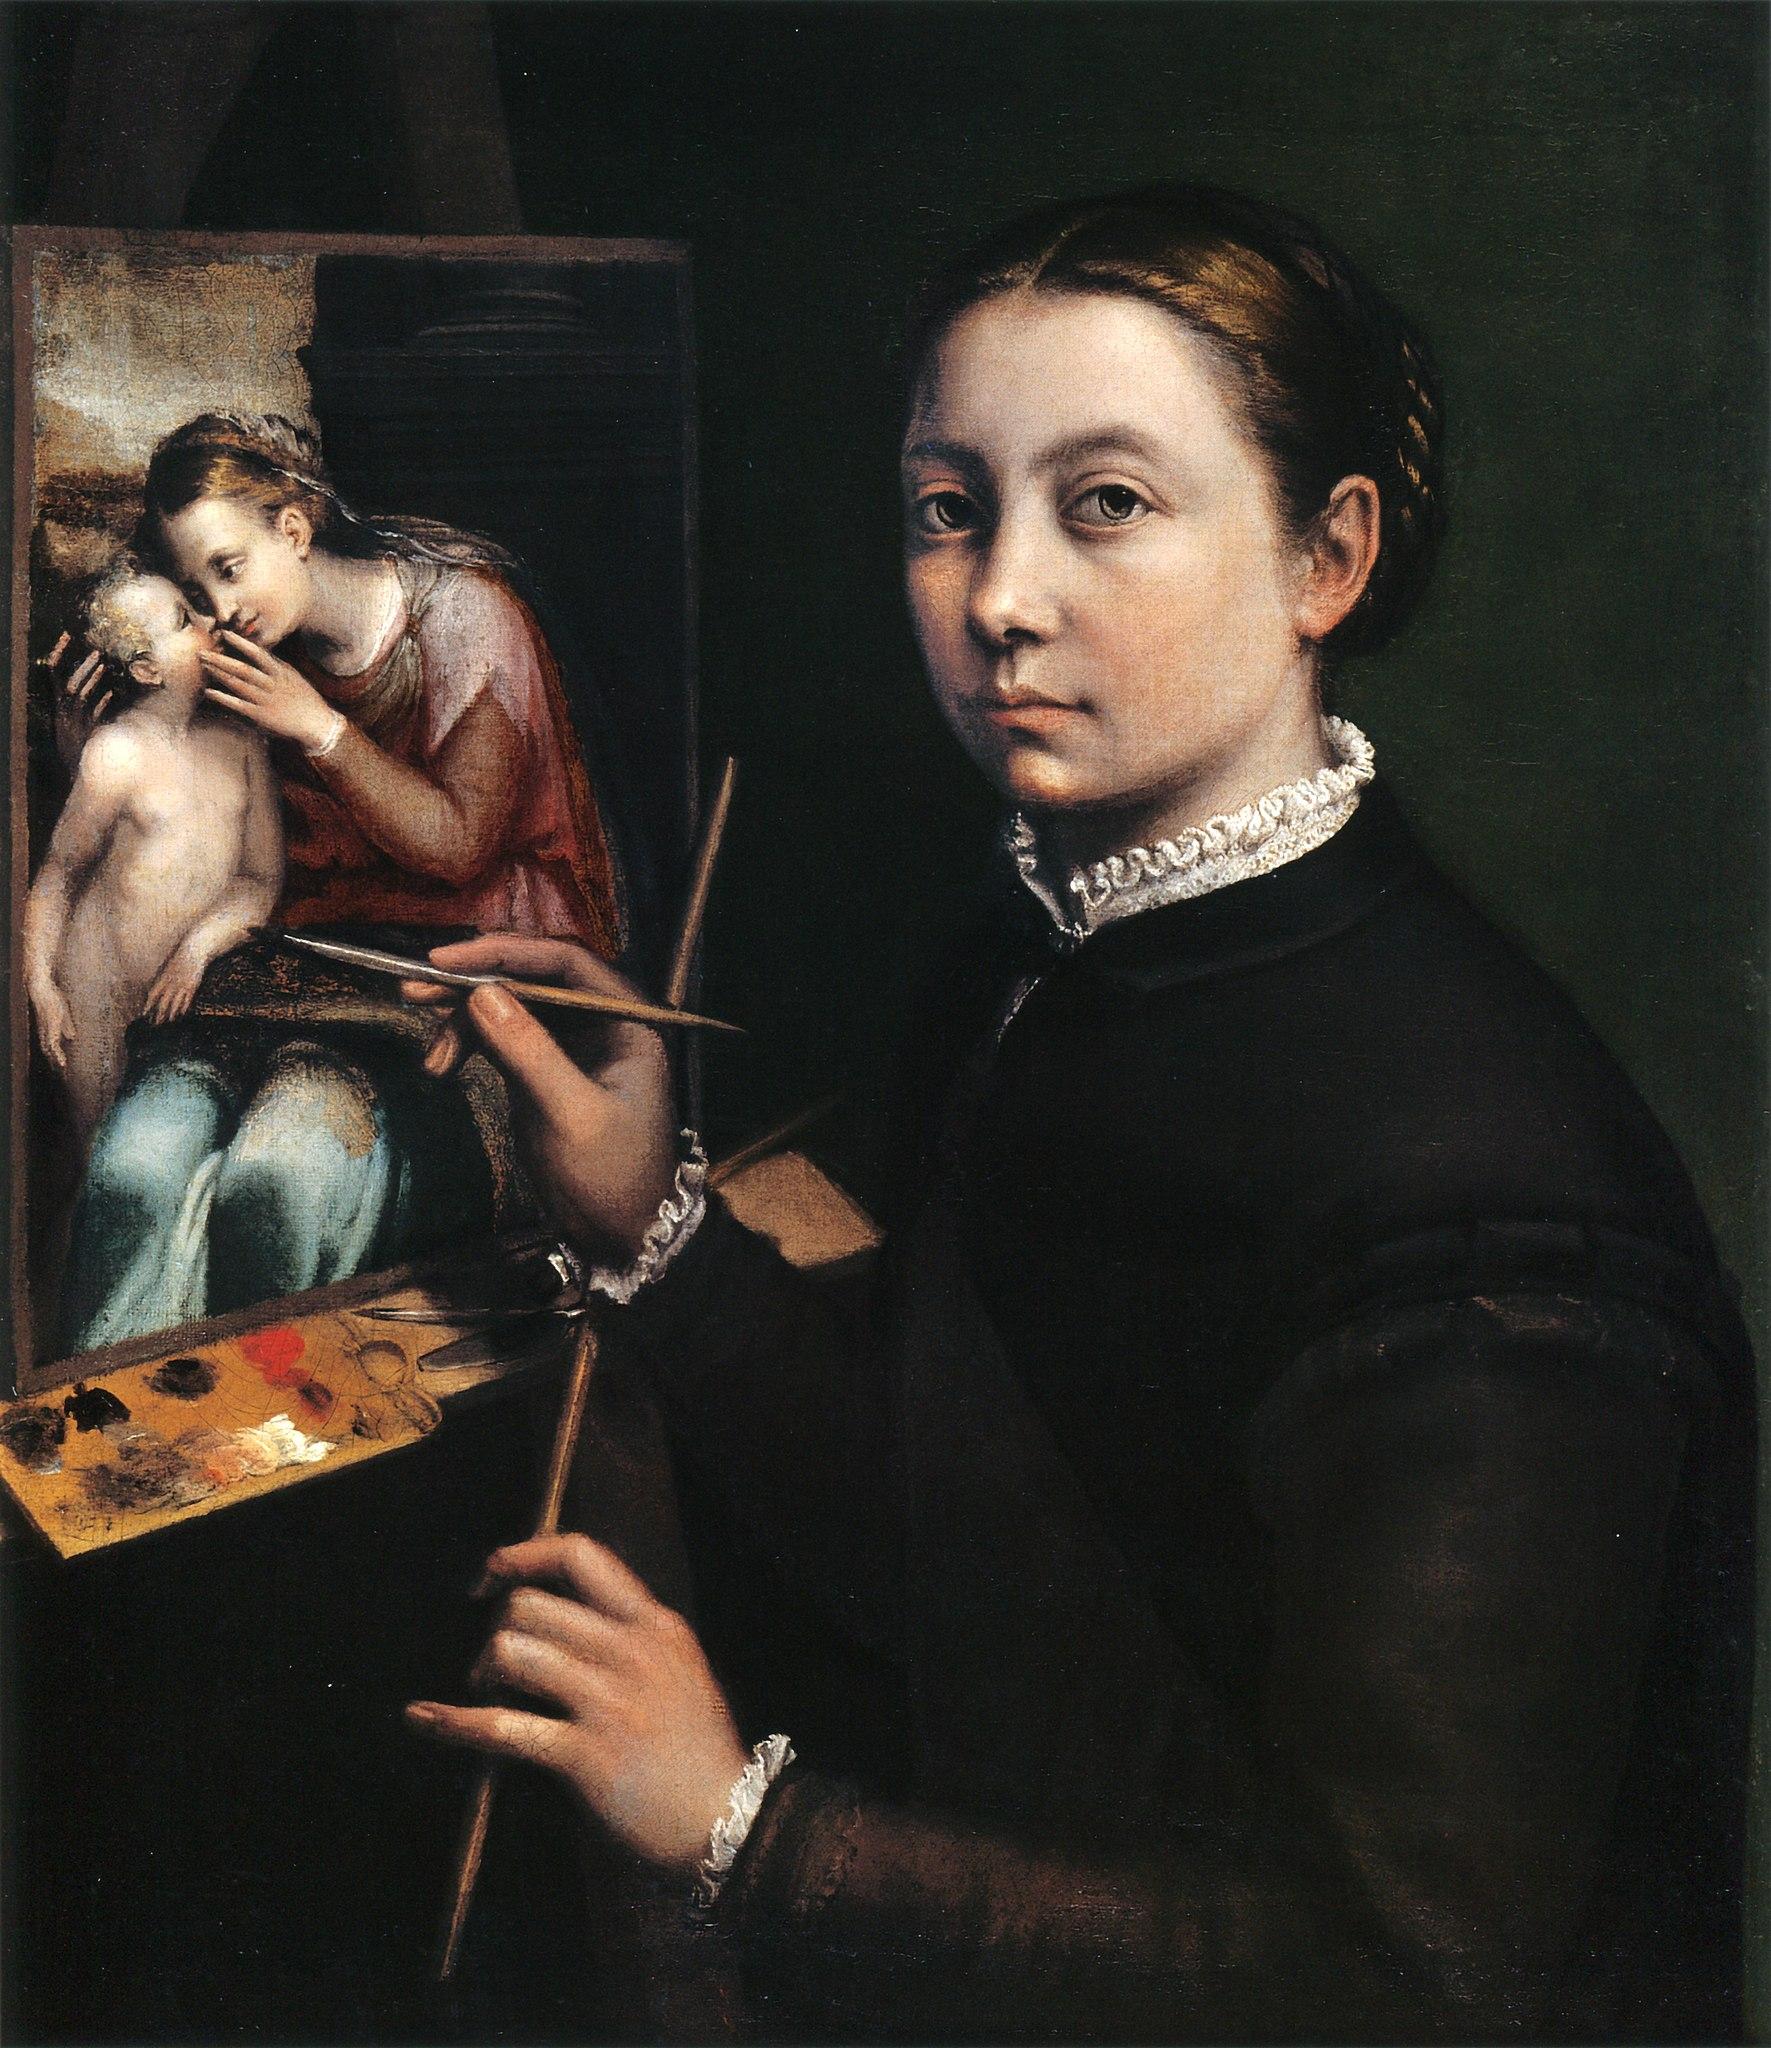 Imagen del autorretrato de Sofonisba Anguissola